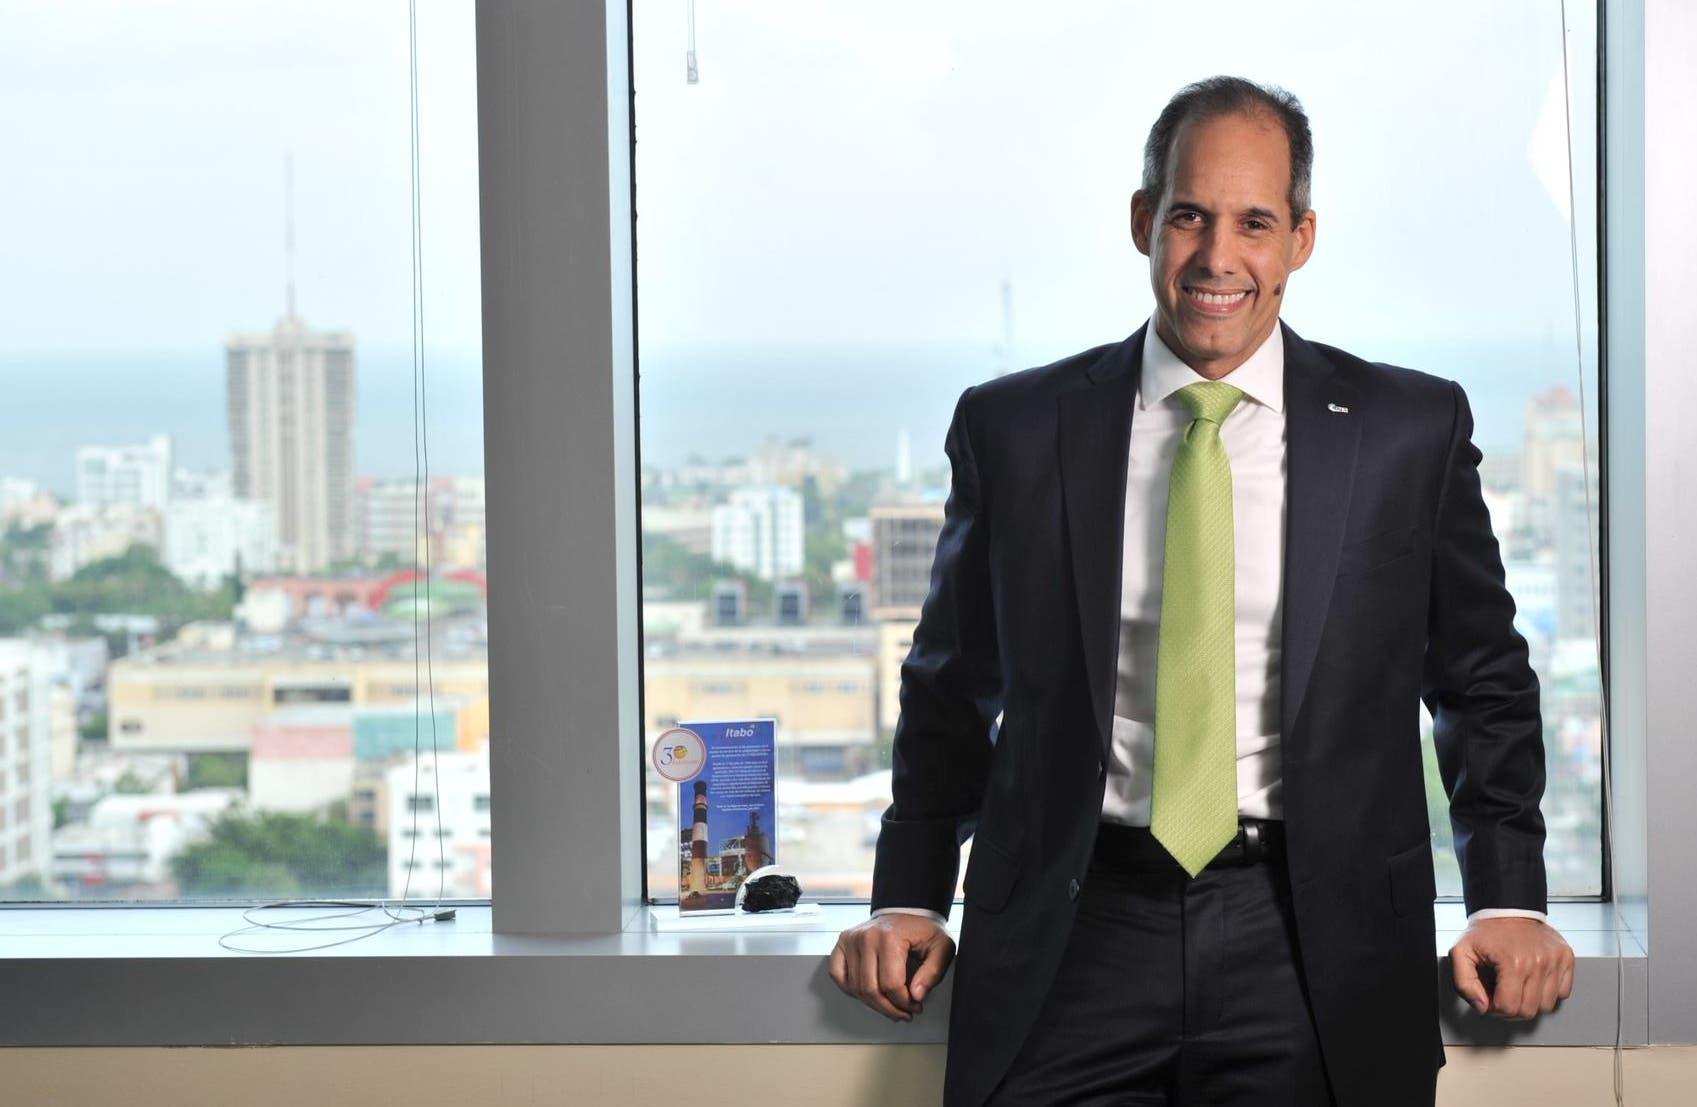 El presidente de AES Dominicana convirtió un traspié en su impulso decisivo como profesional